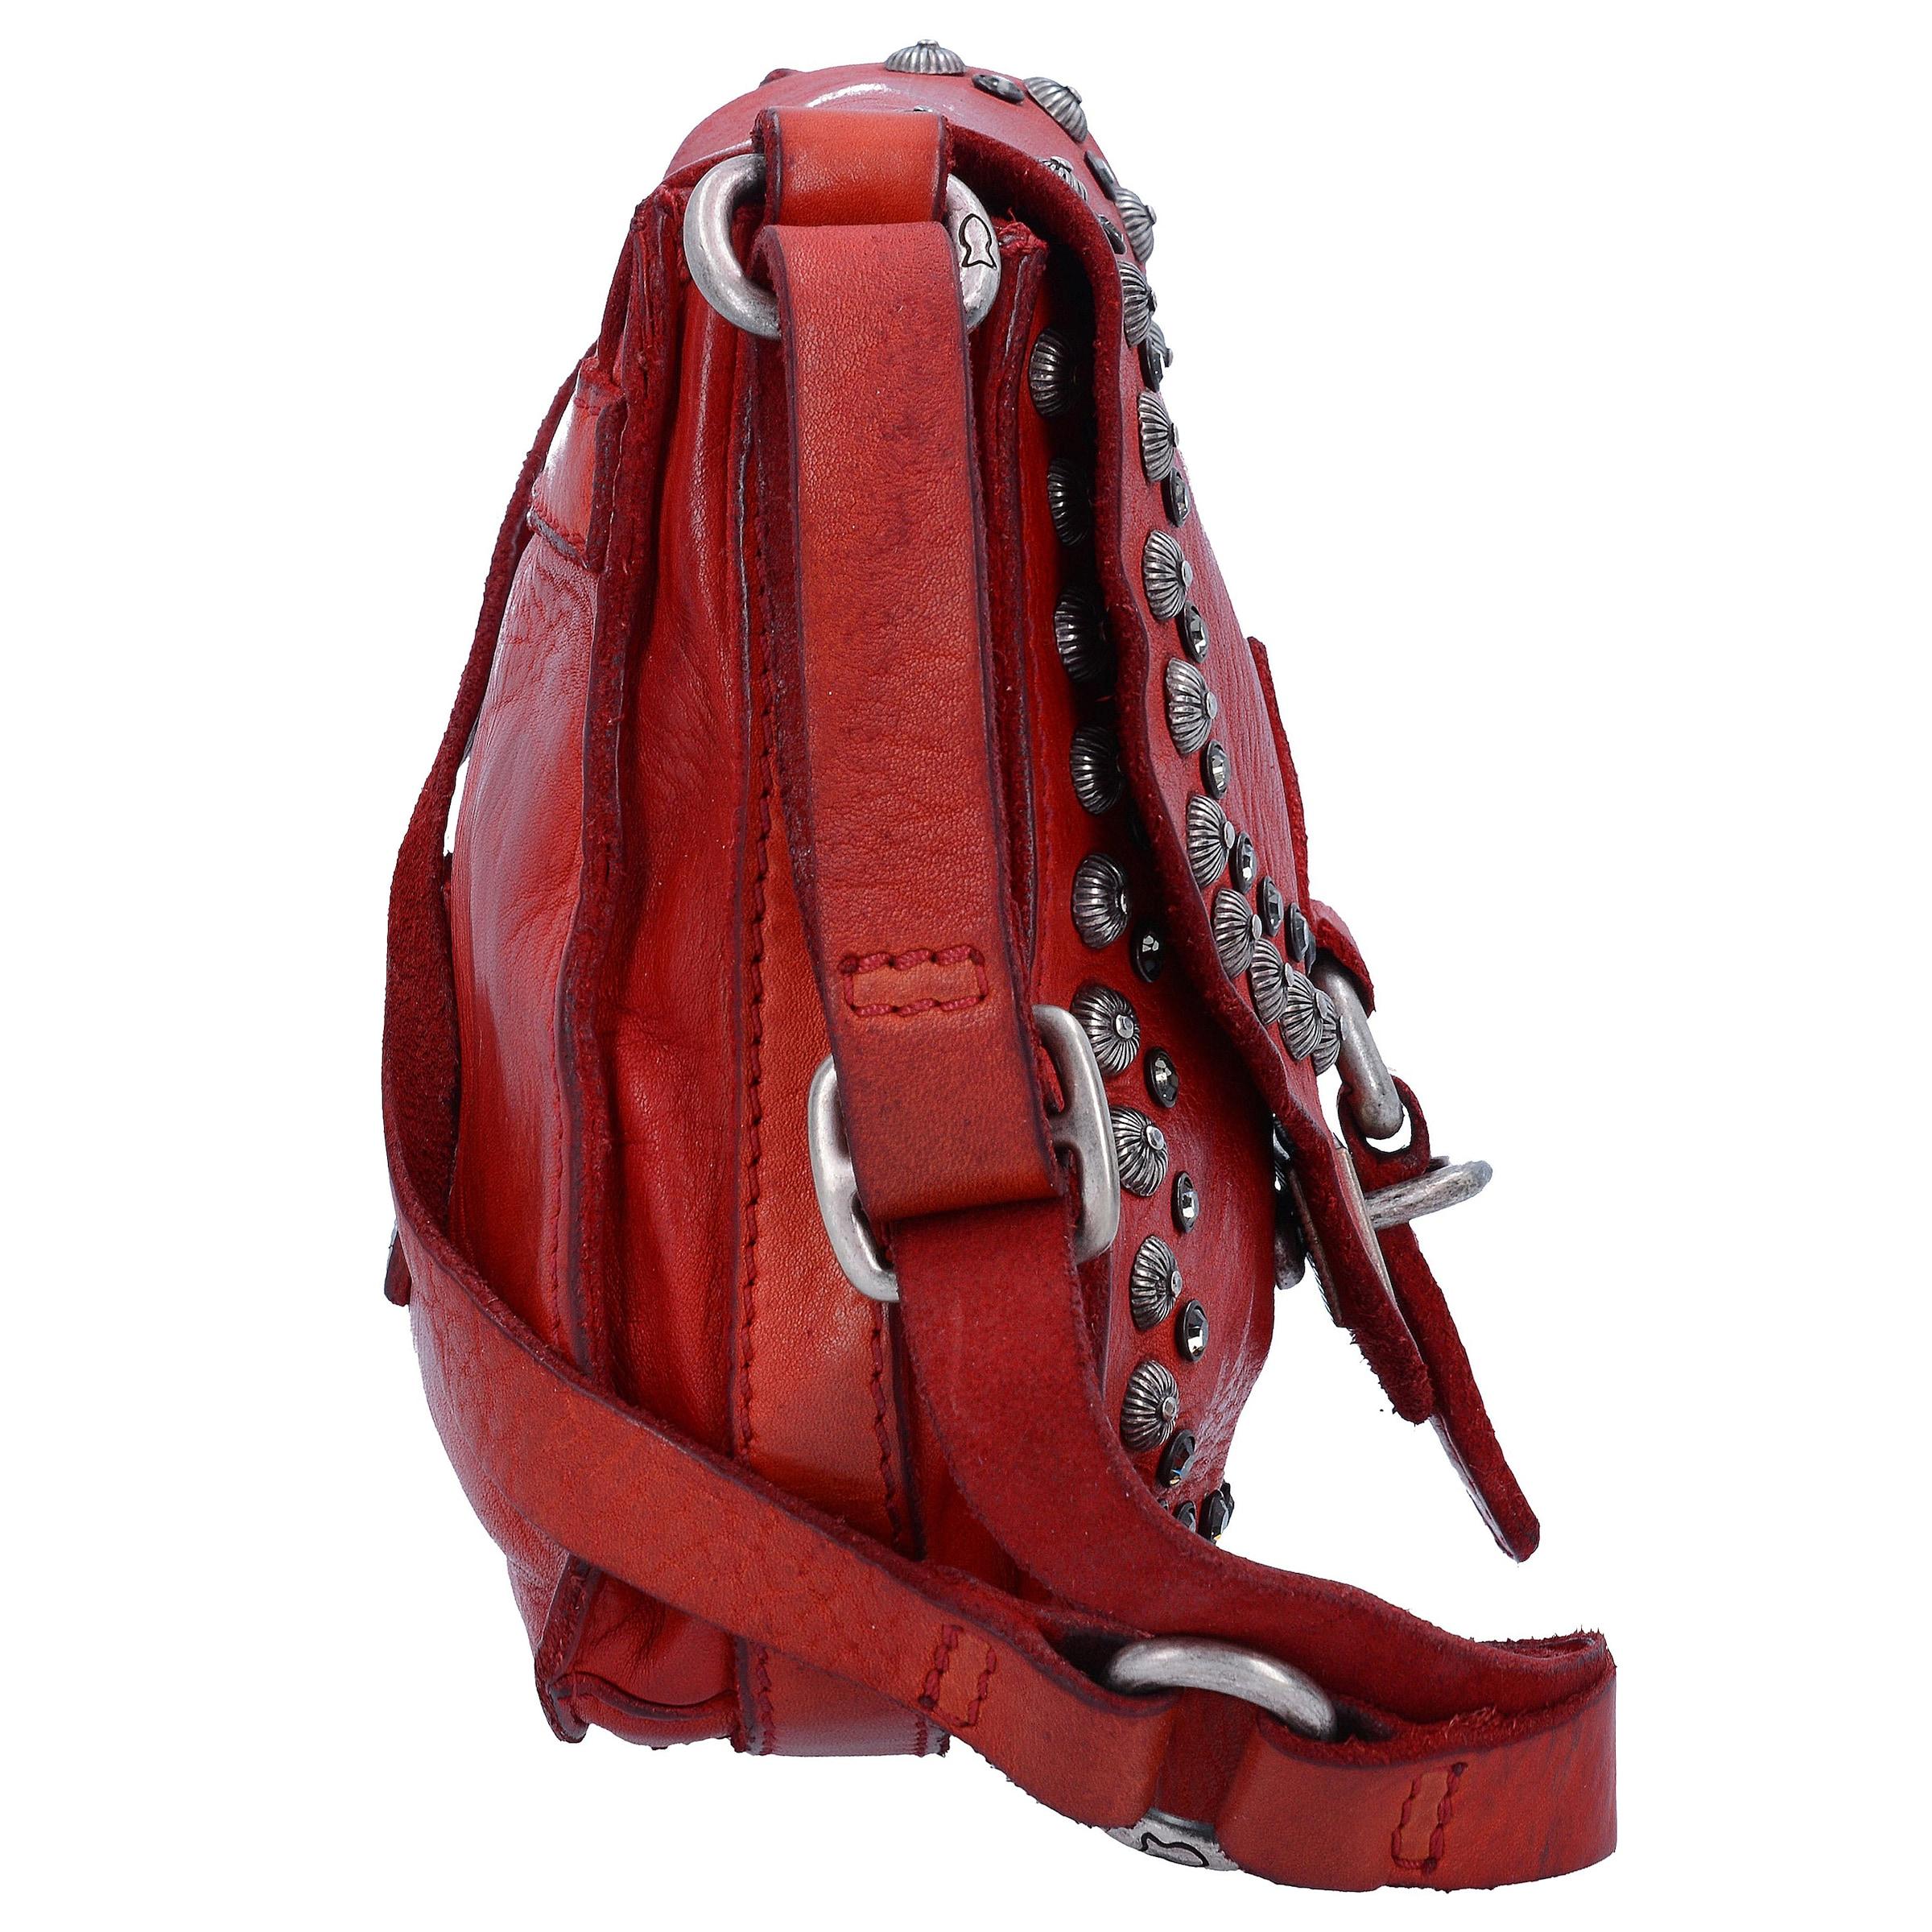 Campomaggi Traditional Lichene Mini Bag Umhängetasche Leder 20 cm Großhandel Günstige Angebote Rabatt Erschwinglich Günstig Kaufen 100% Authentisch rYUF4